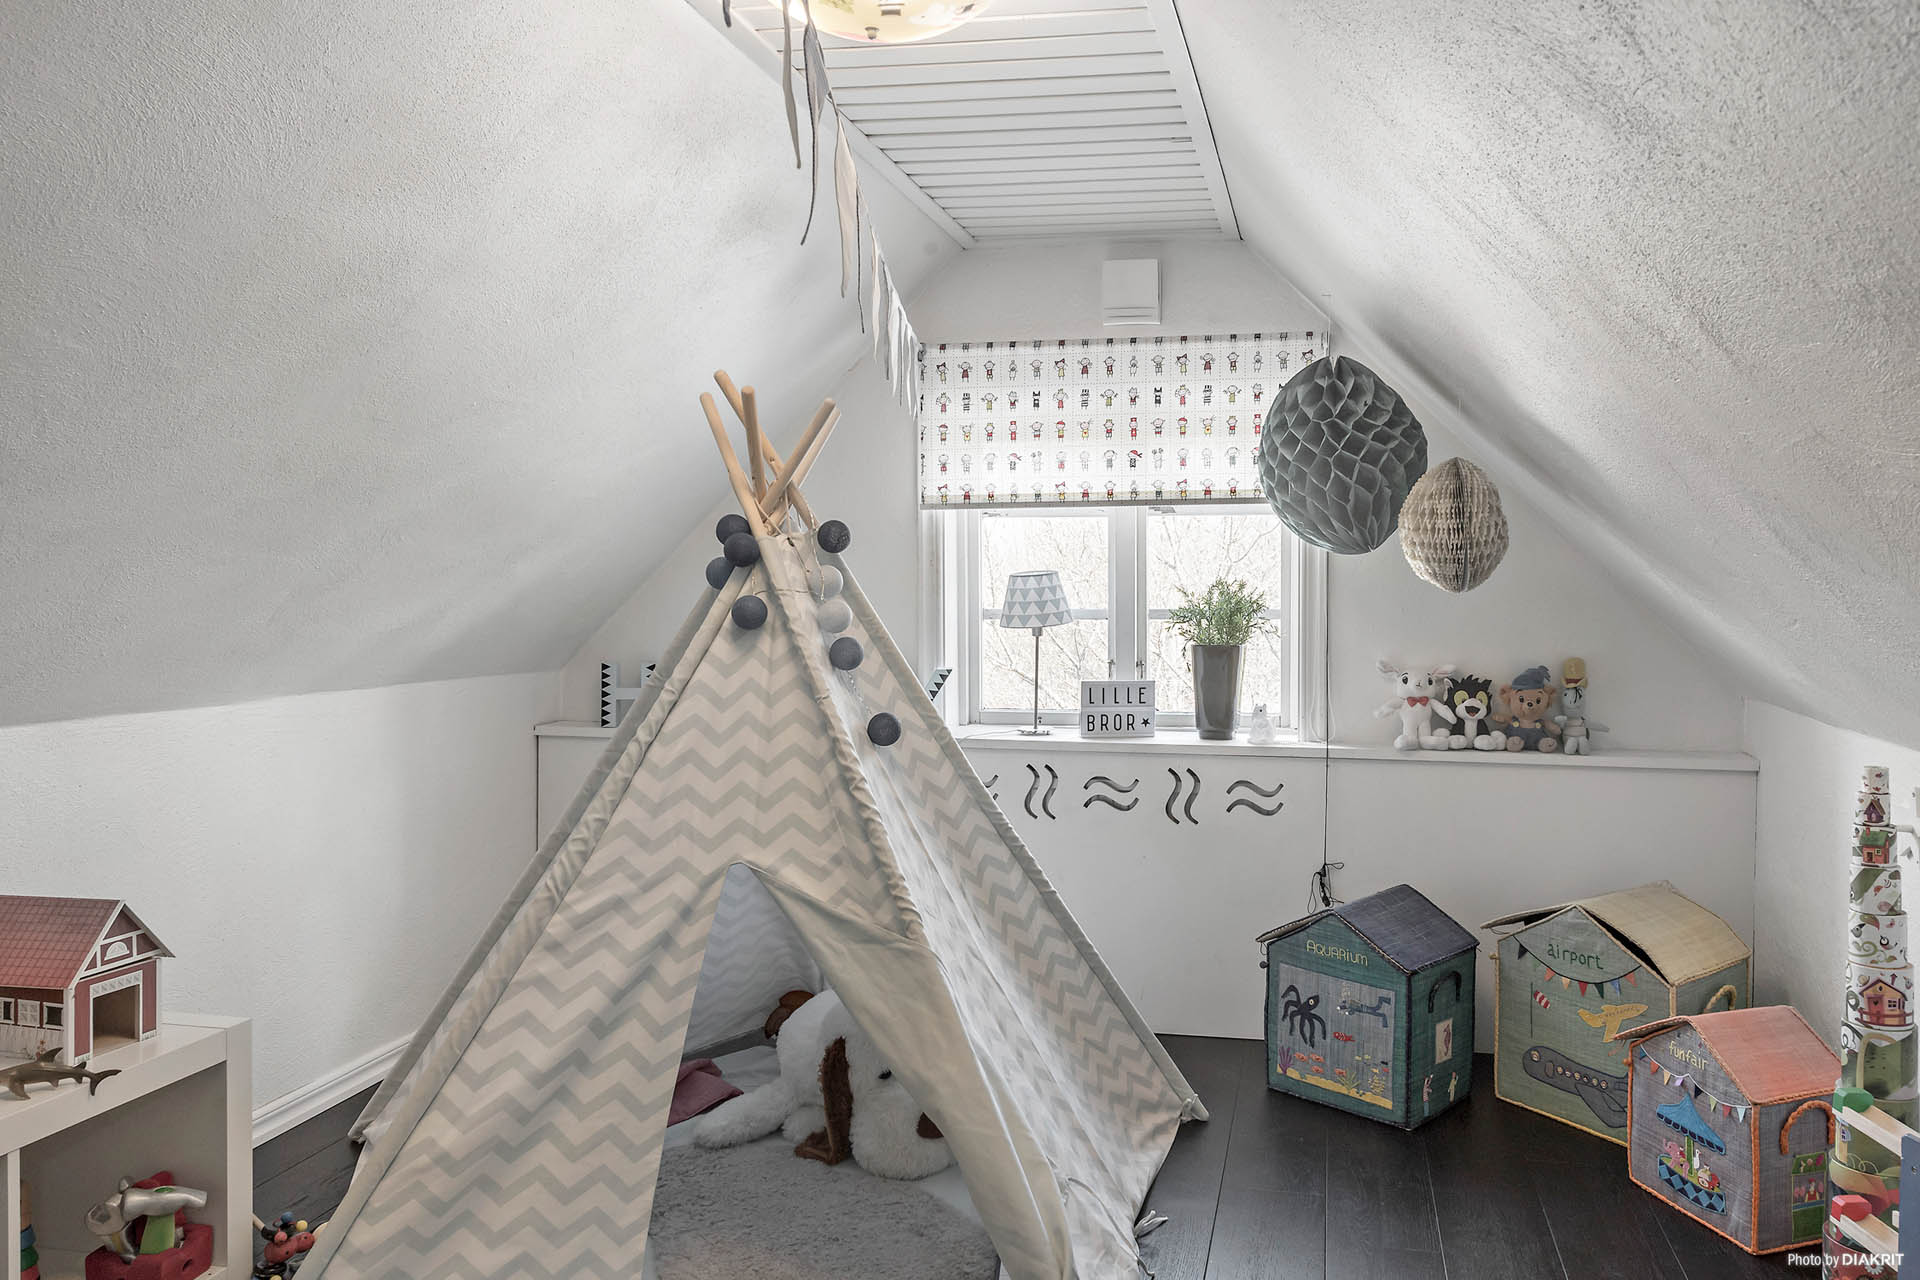 Sovrum med parkettgolv i mörk ton och putsade väggar.